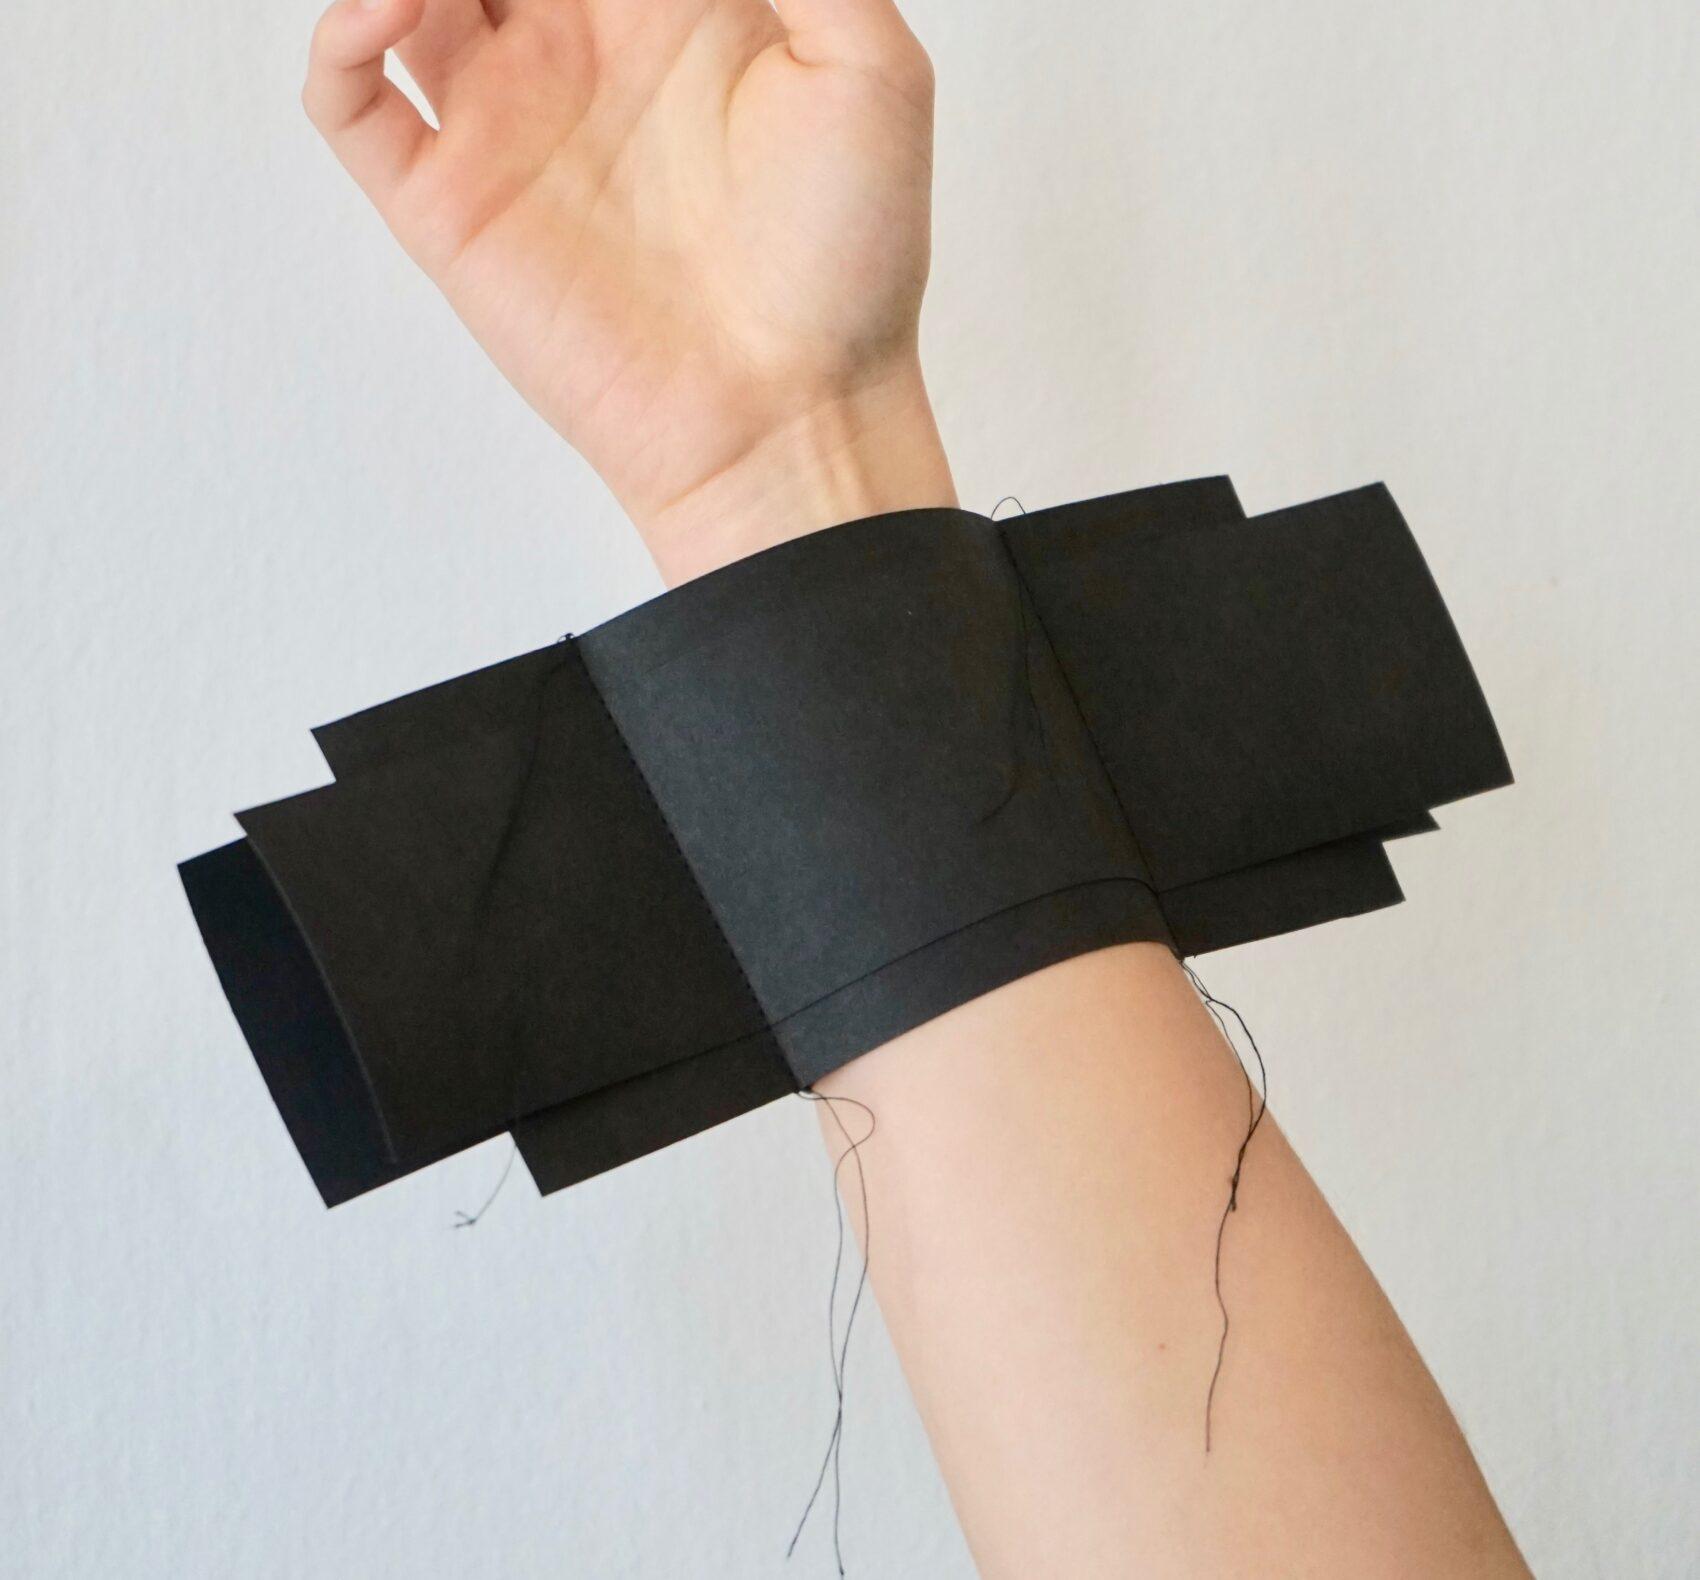 Černý objekt na zápěstí